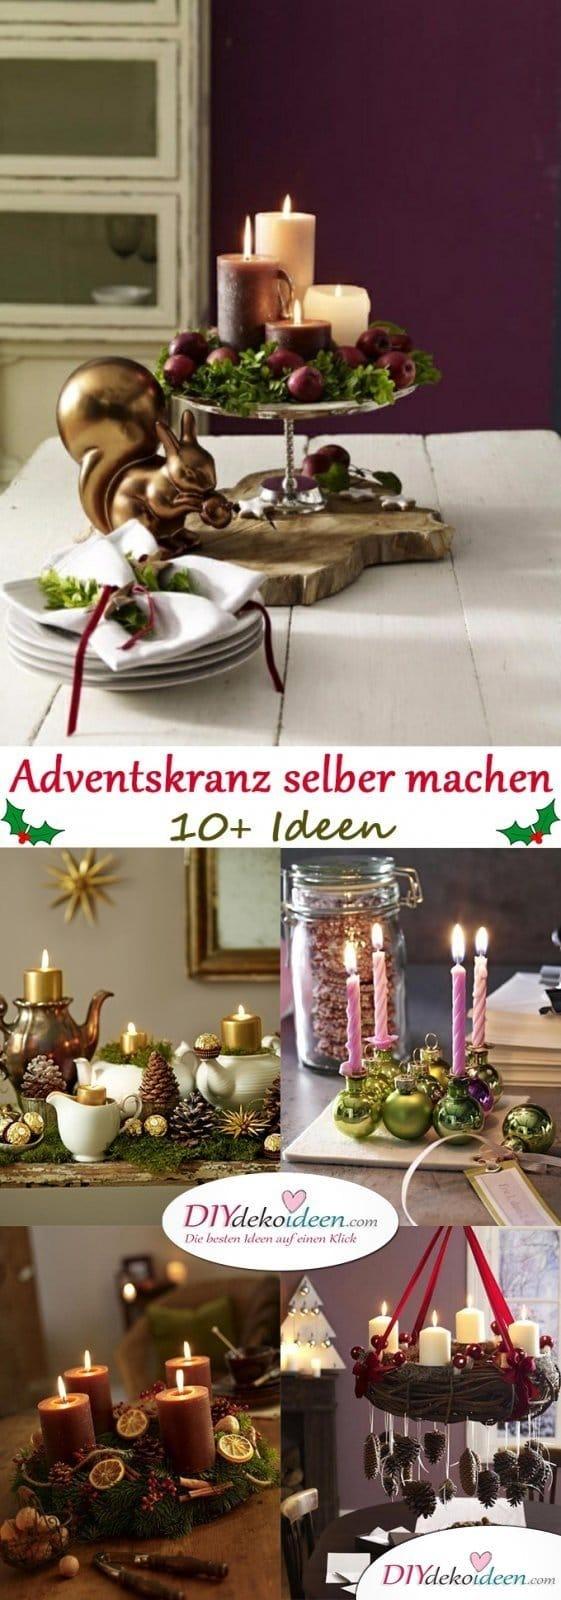 Adventskranz selber machen - Elegante, klassische und romantische Ideen